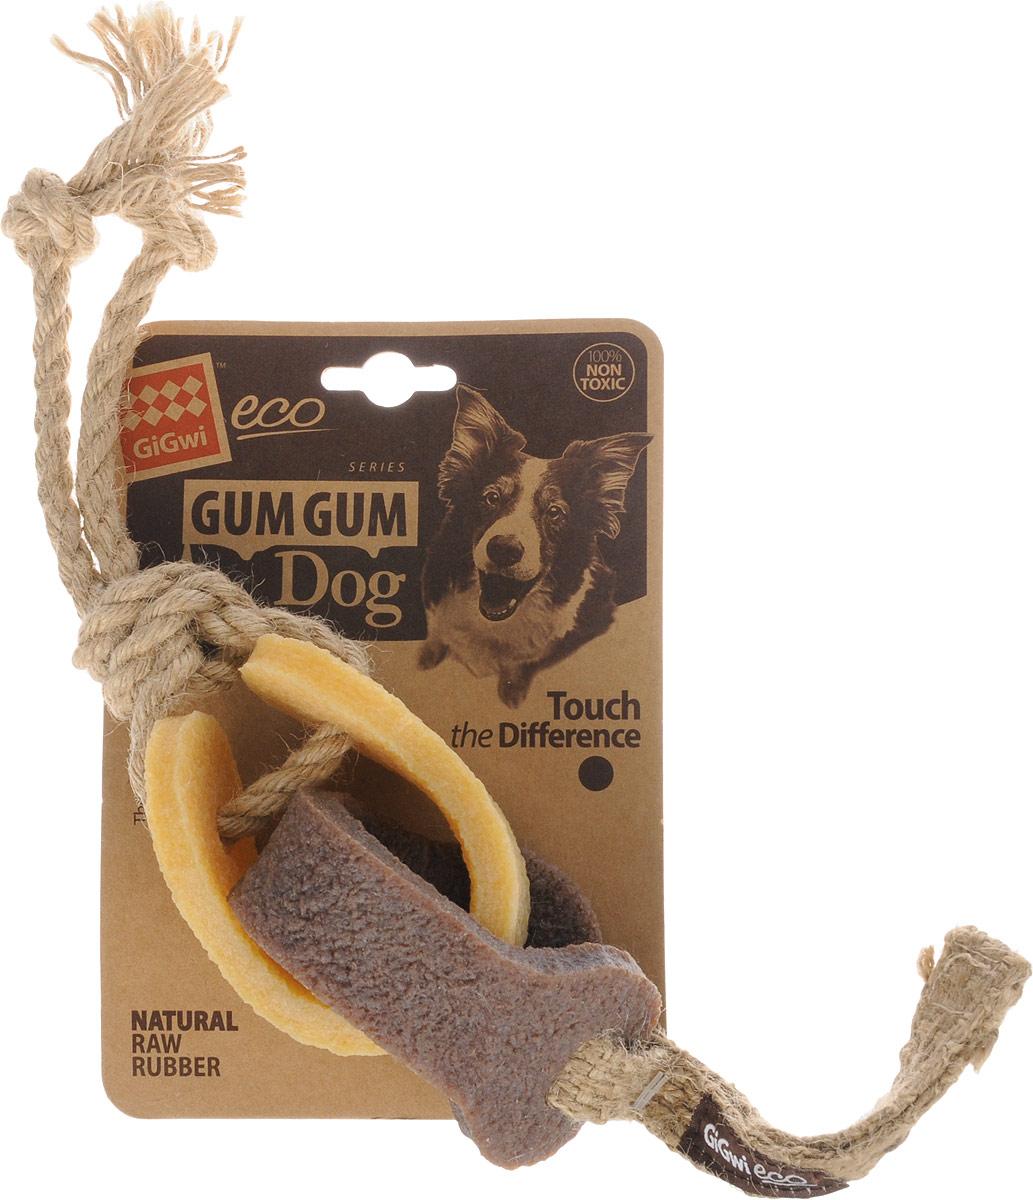 Игрушка для собак GiGwi Резиновая цепь, длина 18 см75318Игрушка для собак GiGwi Резиновая цепь выполнена из натуральных компонентов - 100% нетоксичного каучука и льняного жгута. Натуральные материалы не вредят здоровью питомца, его зубам и деснам, тем самым обеспечивая здоровую игру для вашего друга.